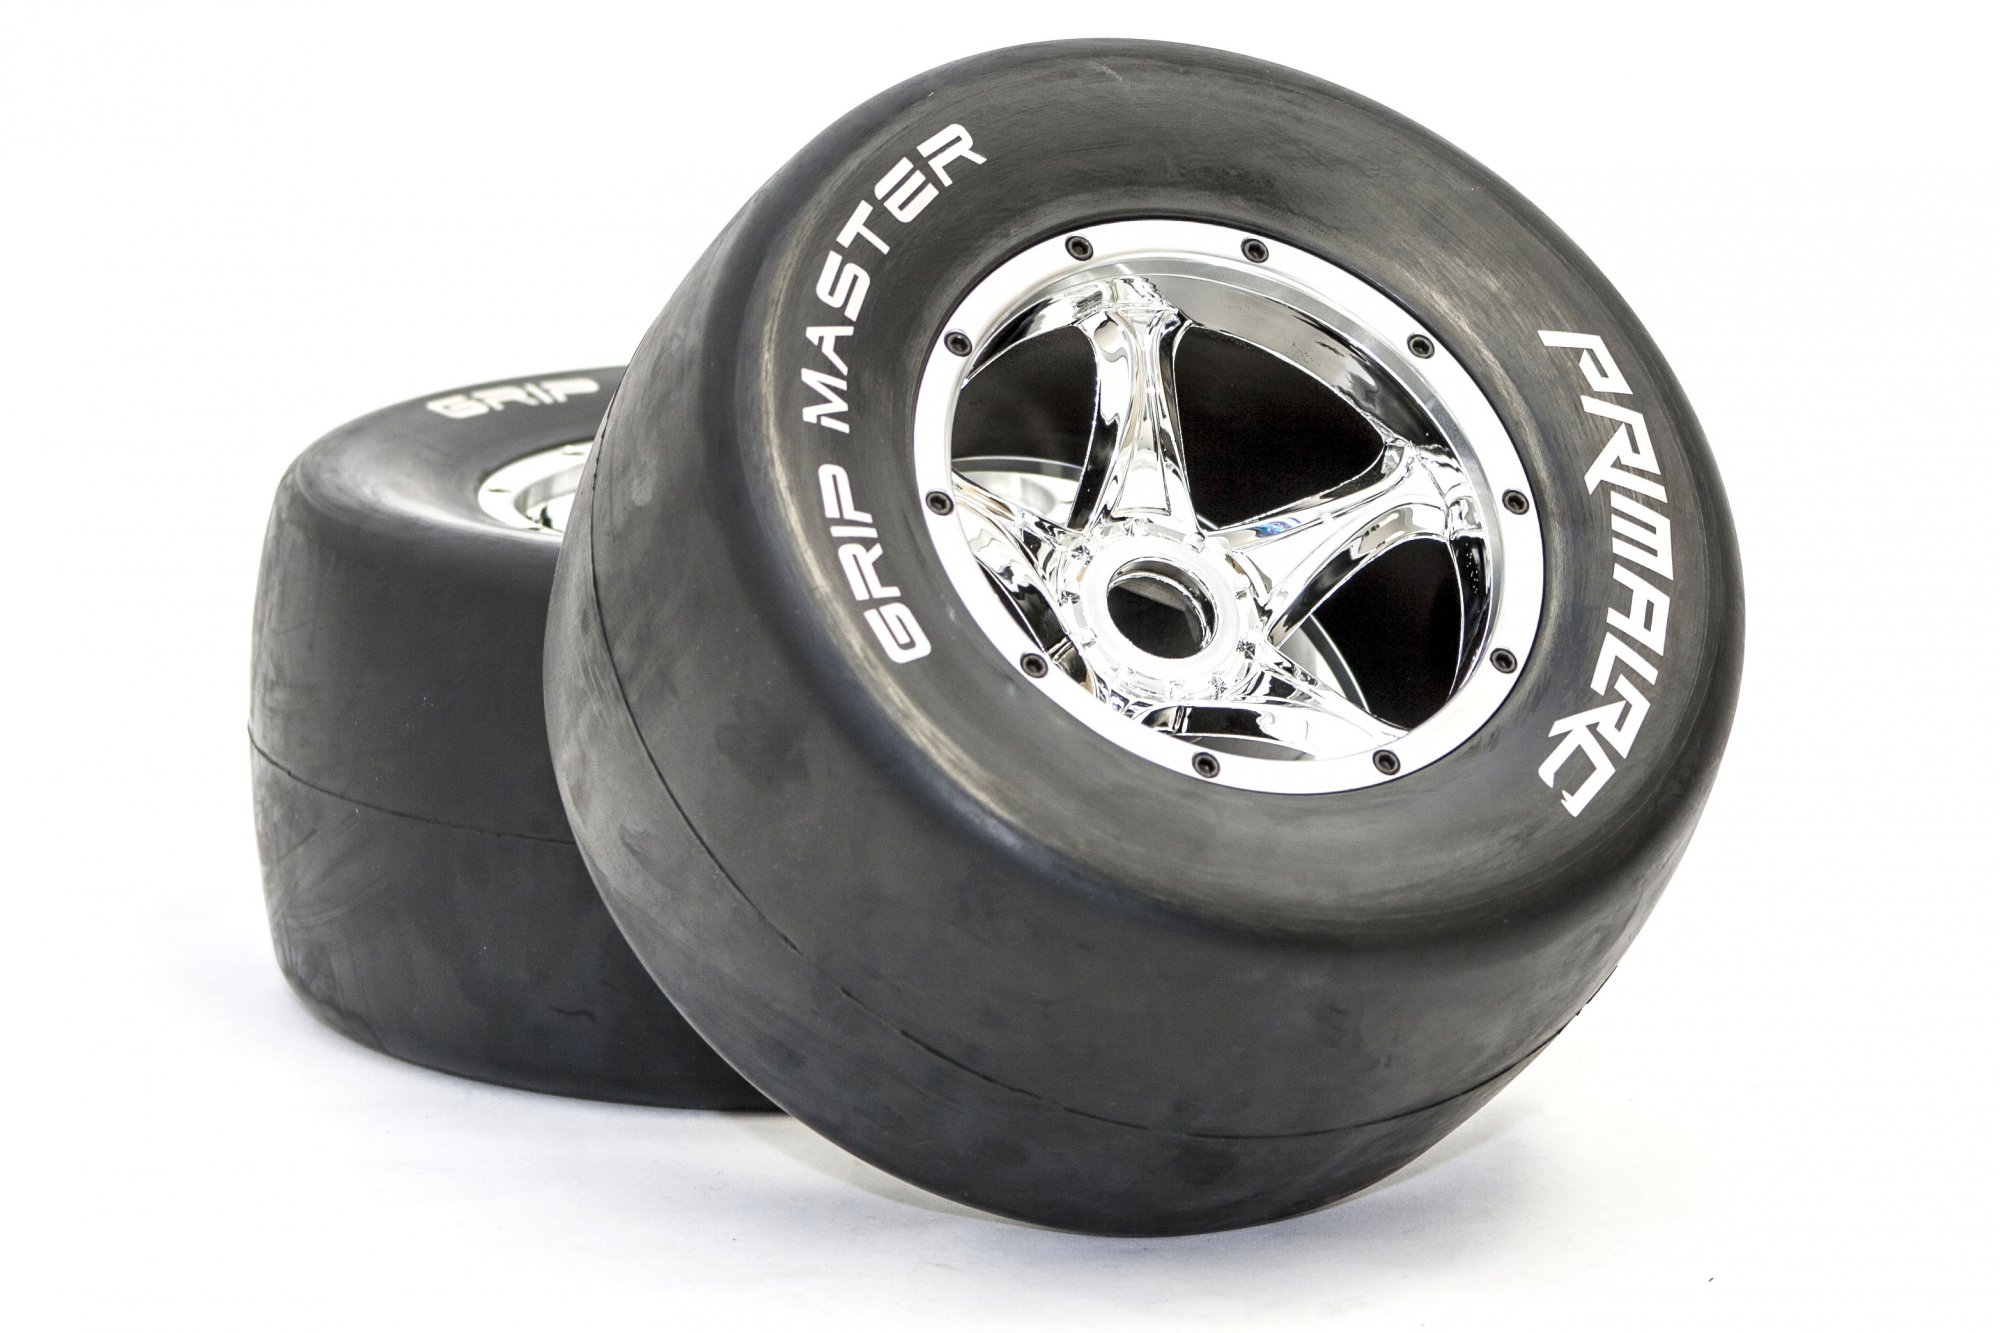 QS Rear Racing Slick Wheels & Tires (set of 2)